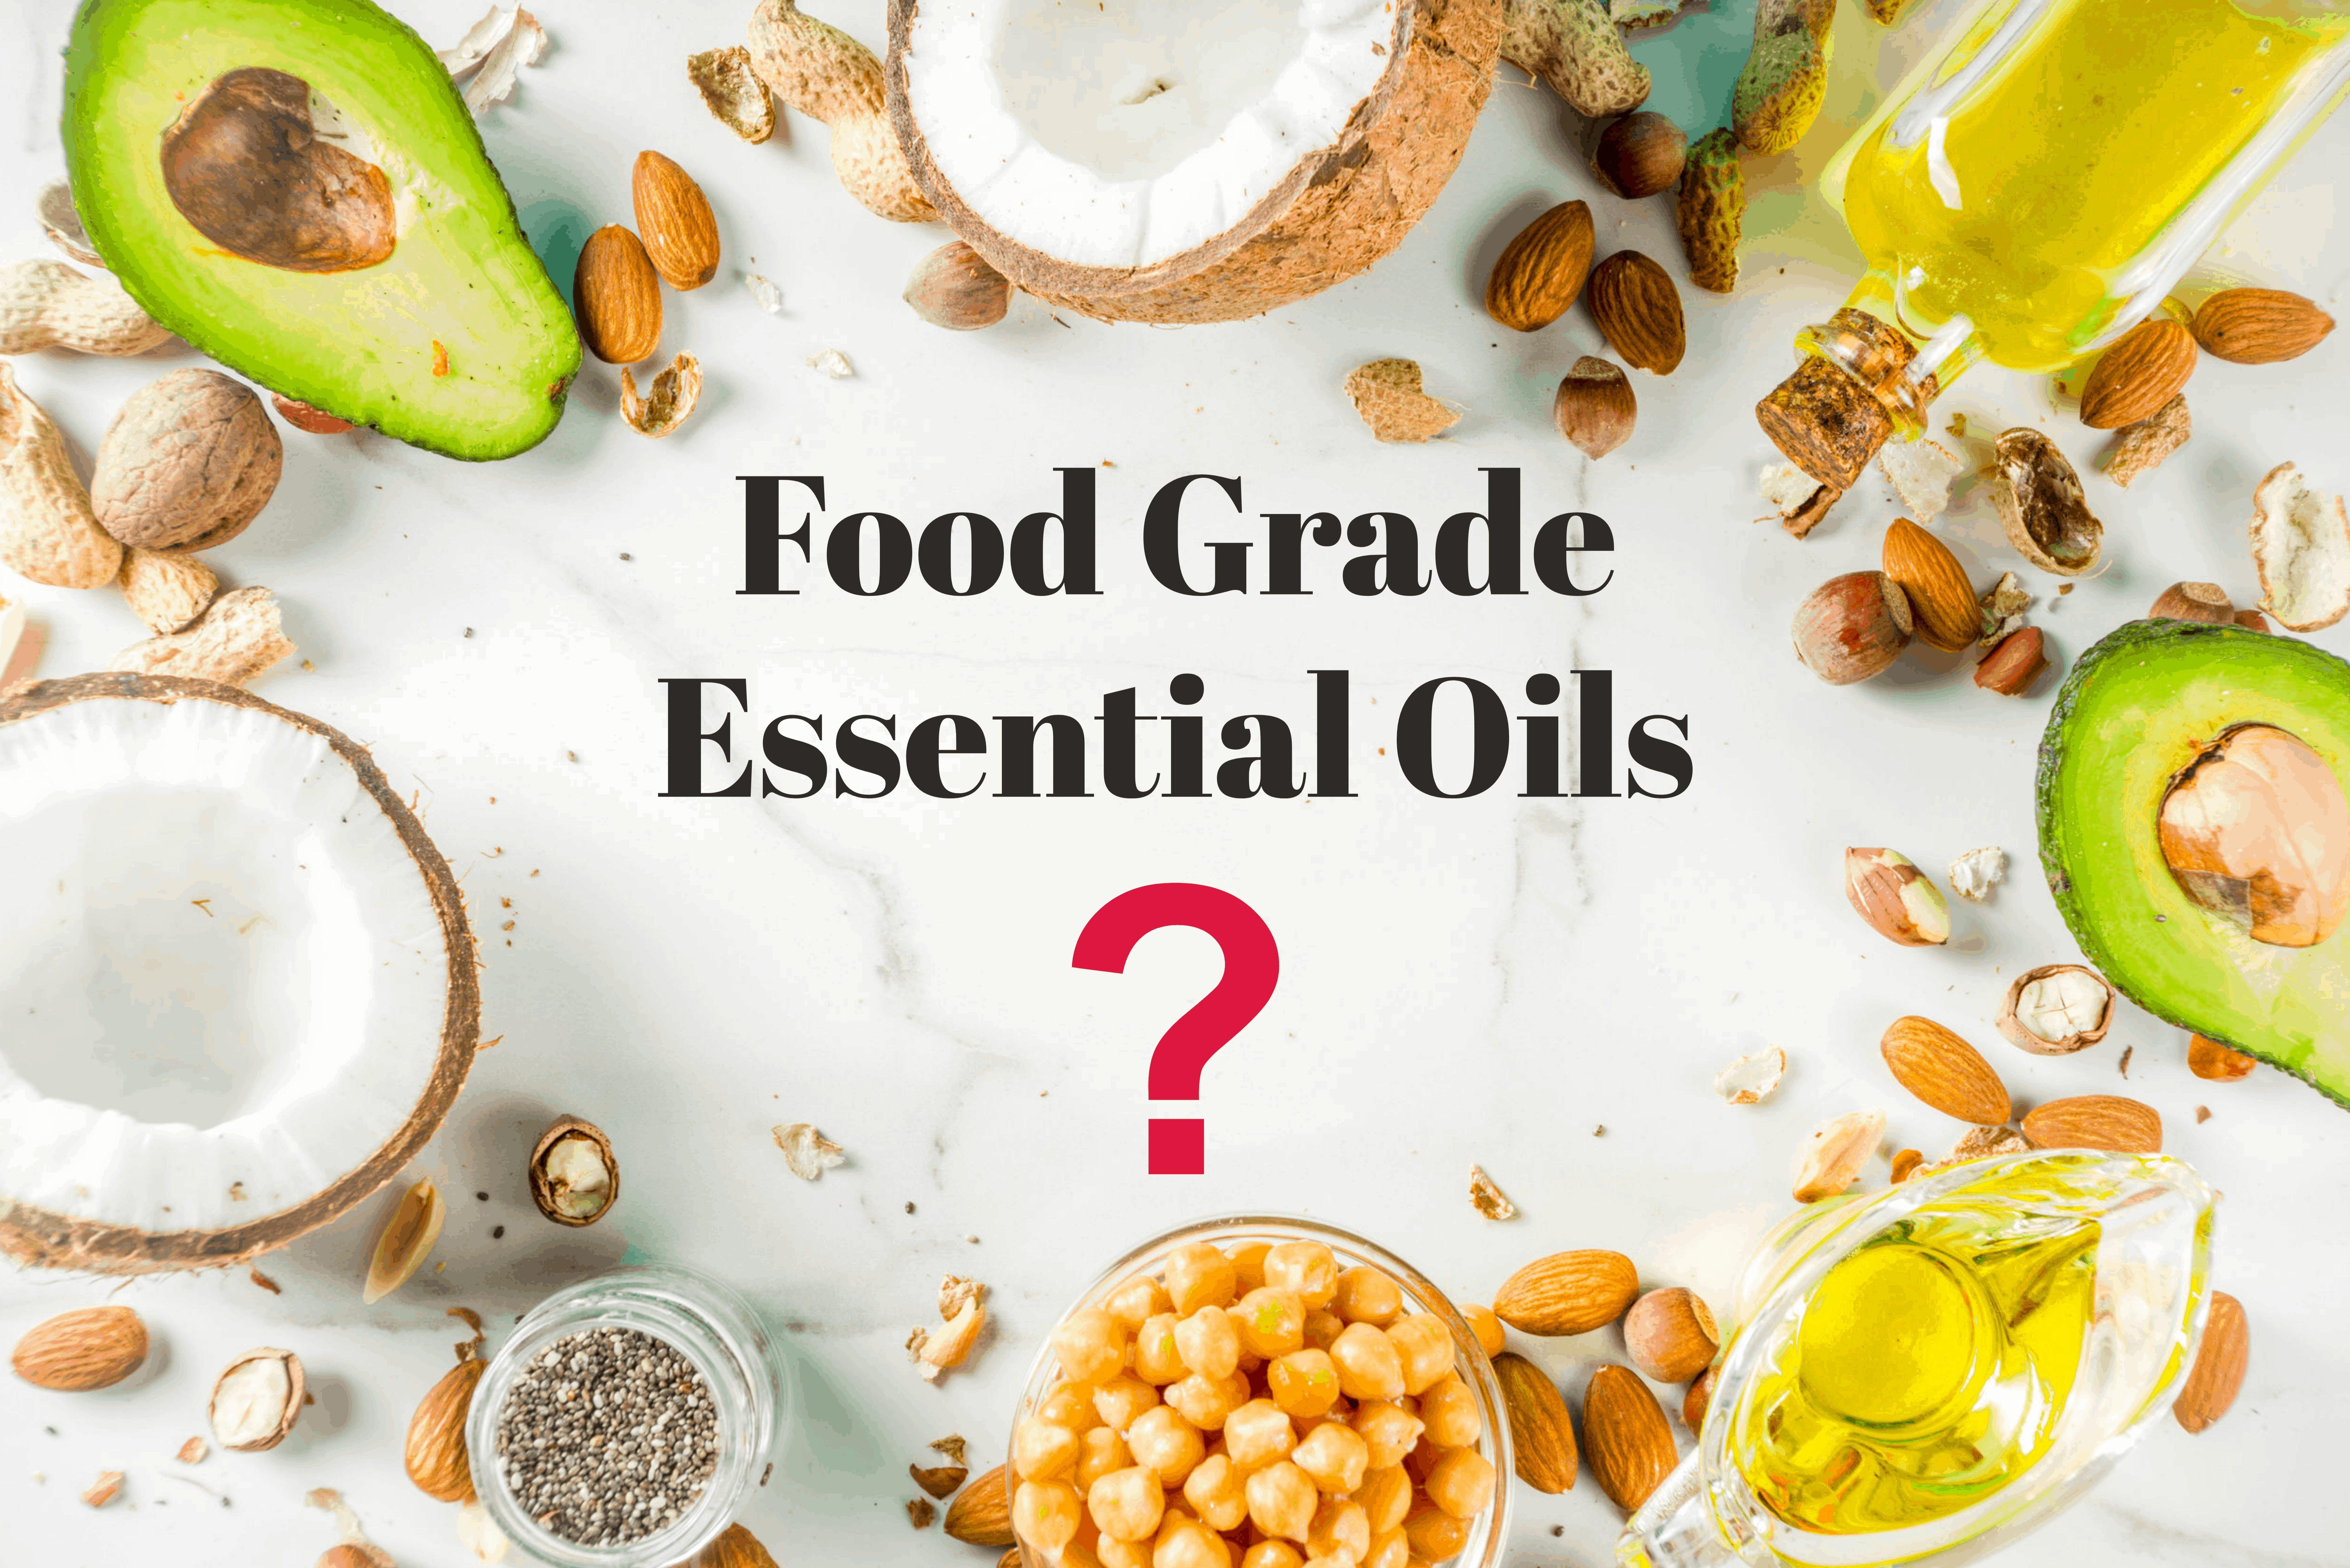 La vérité sur les huiles essentielles de qualité alimentaire: comment les utiliser en toute sécurité? |